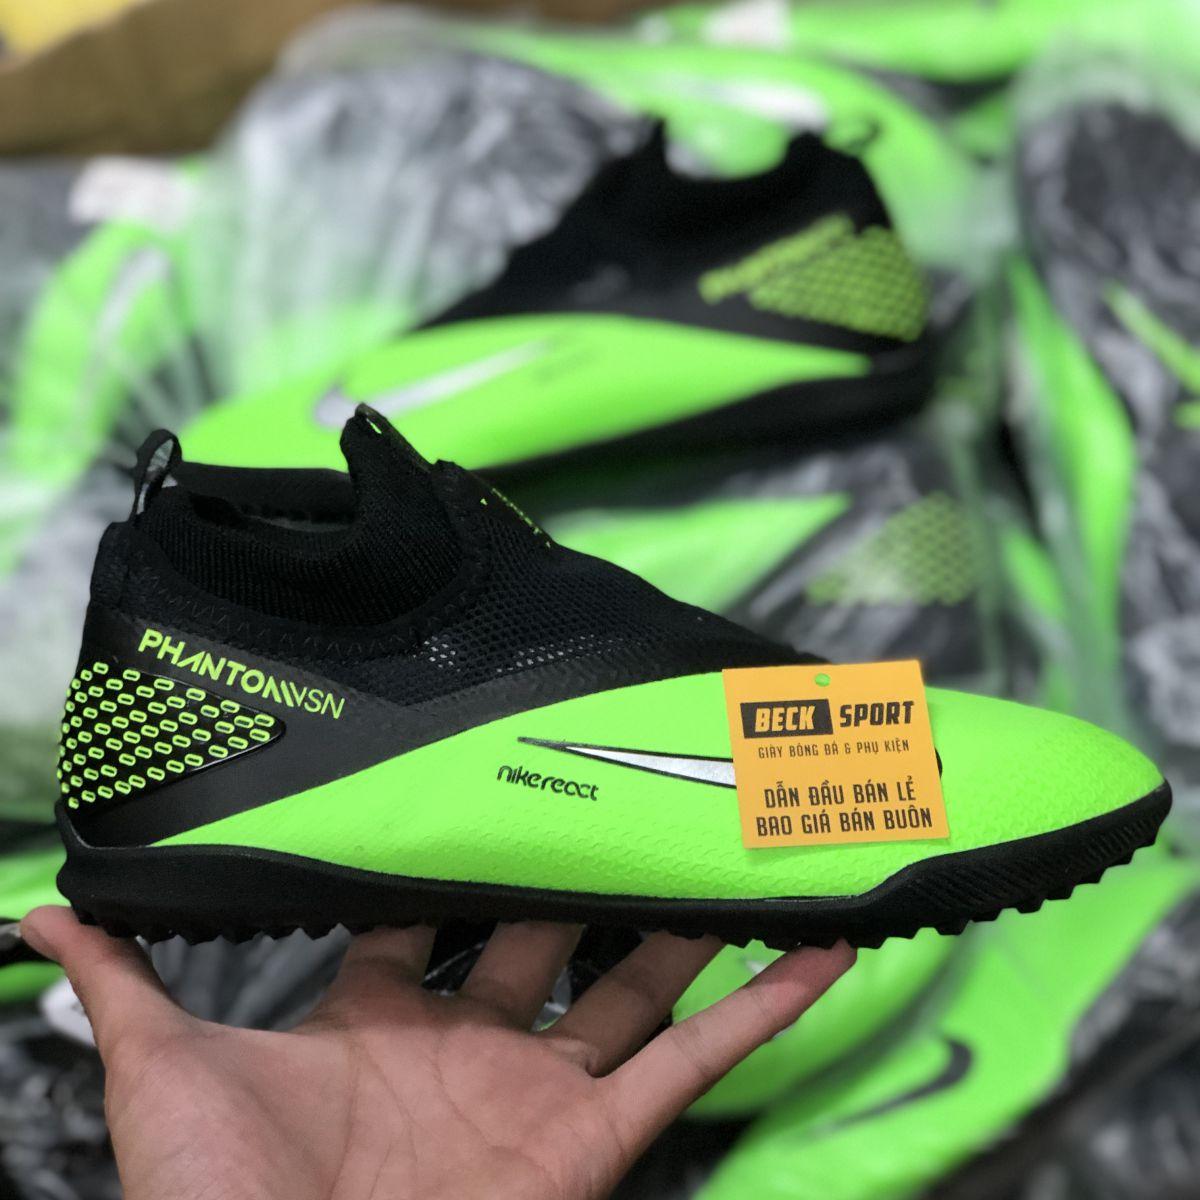 Giày Bóng Đá Nike Phantom VSN II Xanh Lá Gót Đen Cổ Cao Giấu Dây V2 TF